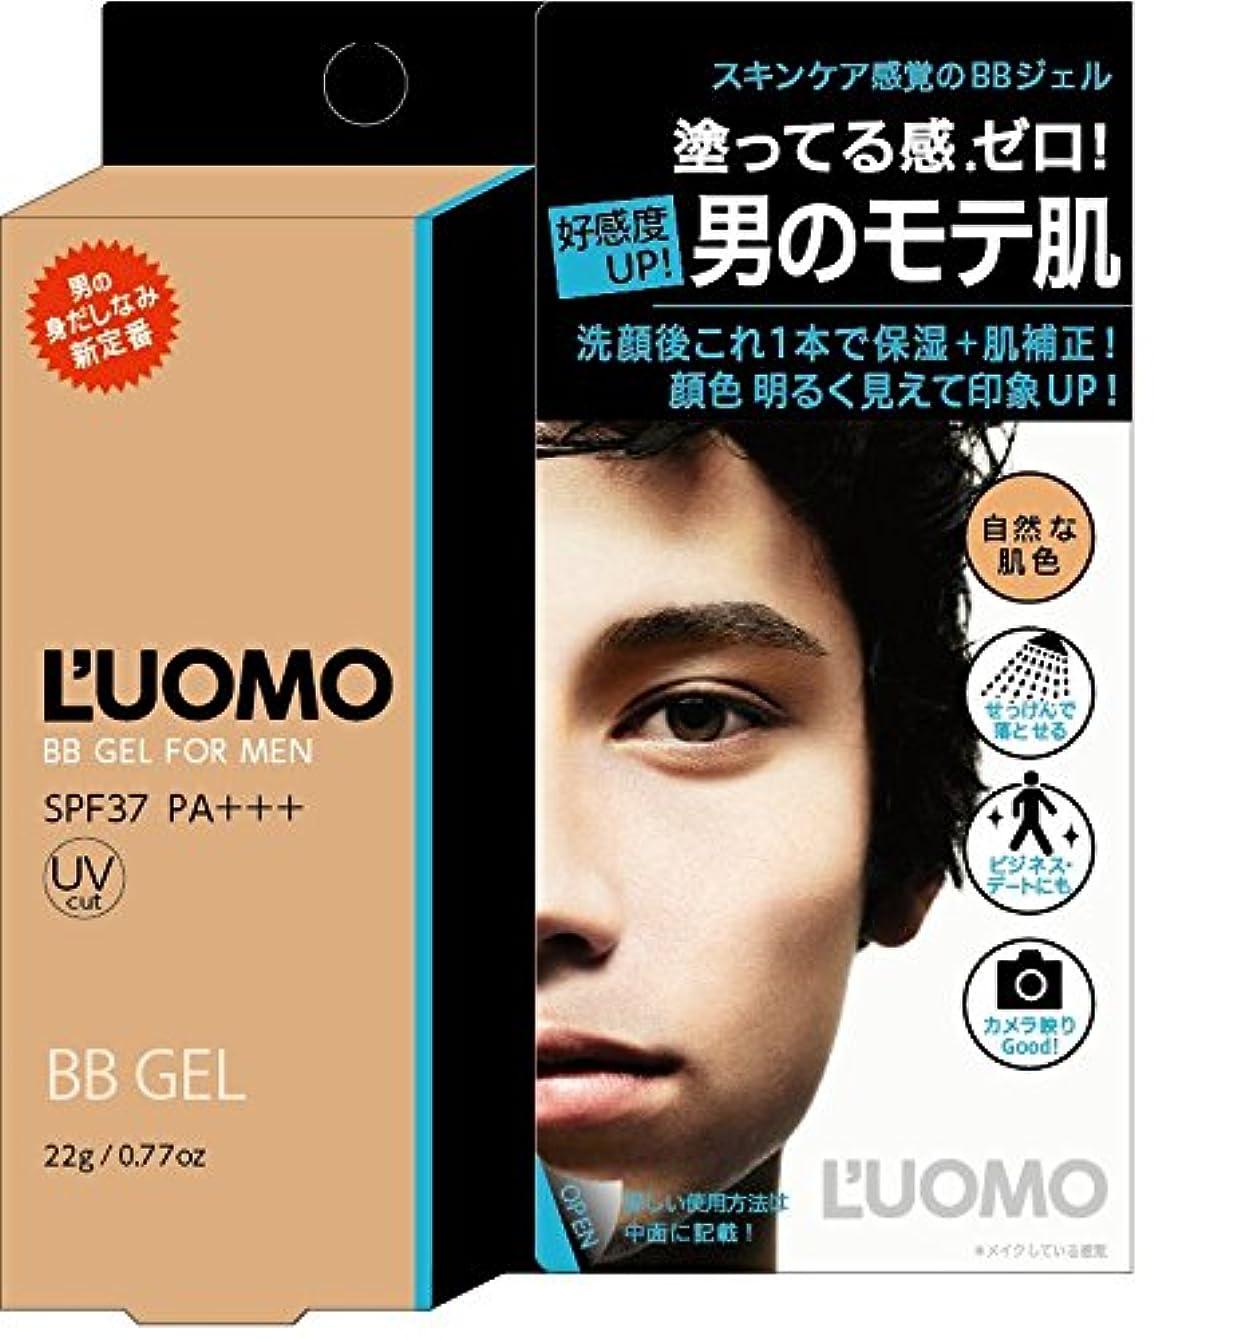 耳自動化高架ルオモ ナチュラルBBジェル 健康的で自然な肌色 22g